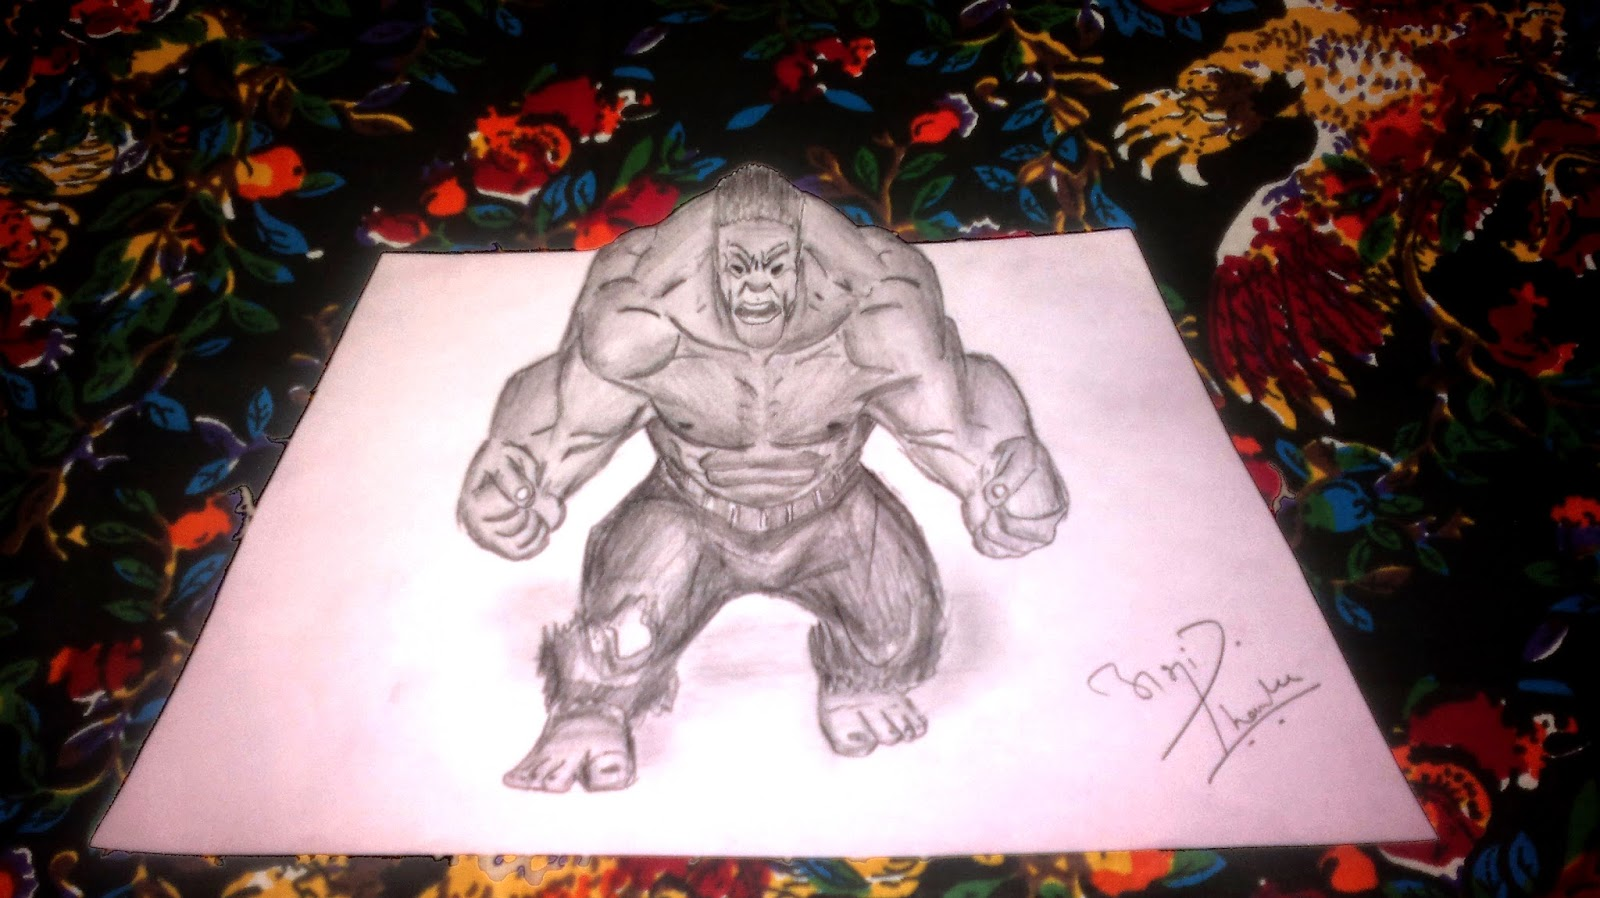 3D Hulk Sketch by Abhishek Thamke